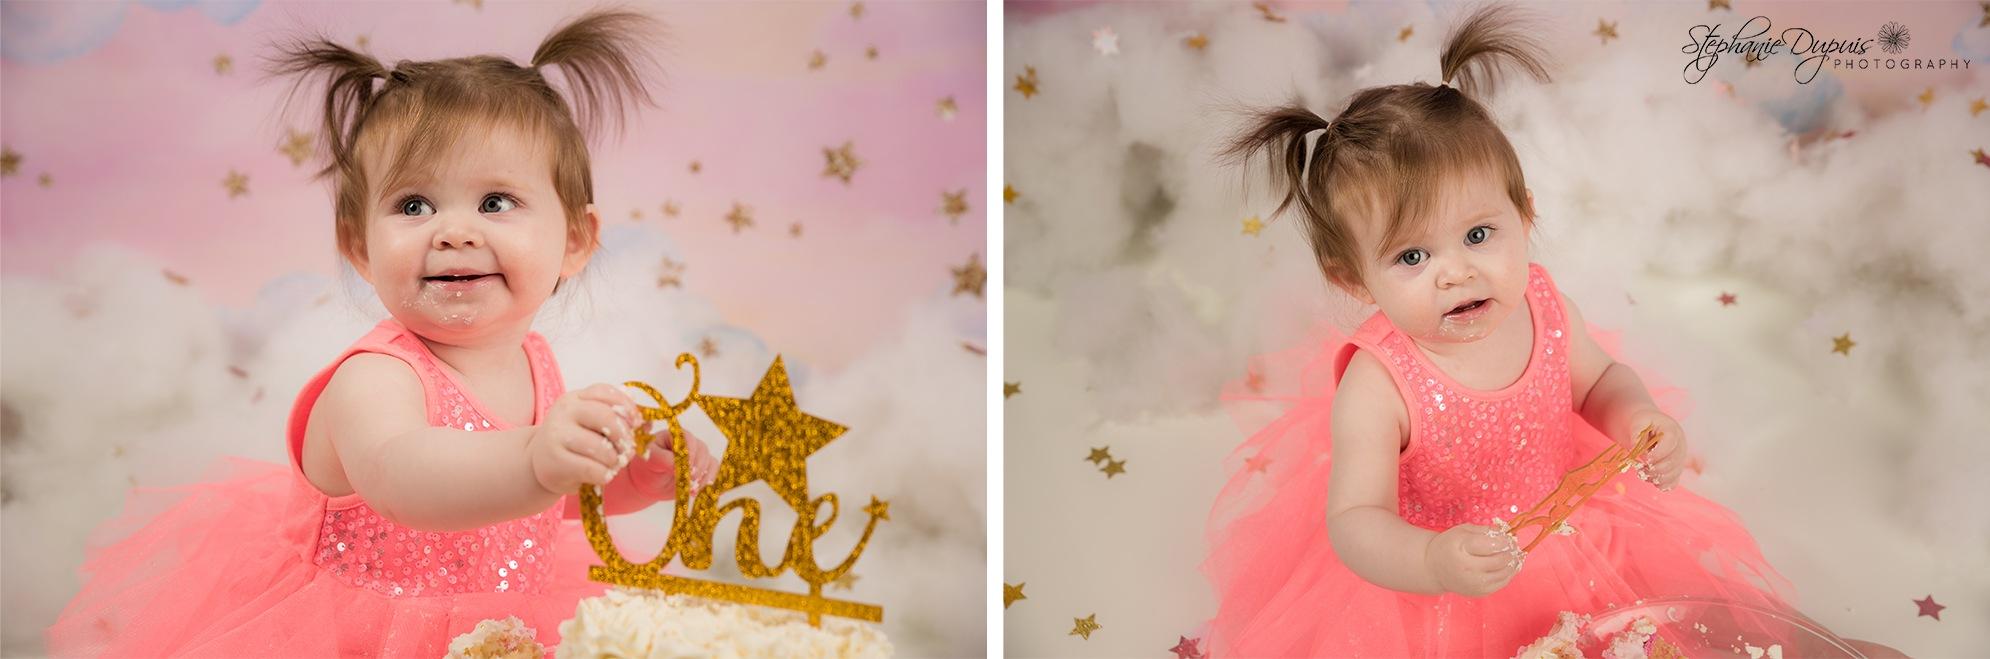 Mia Cake Smash 6 - Portfolio: Mia Cake Smash Session